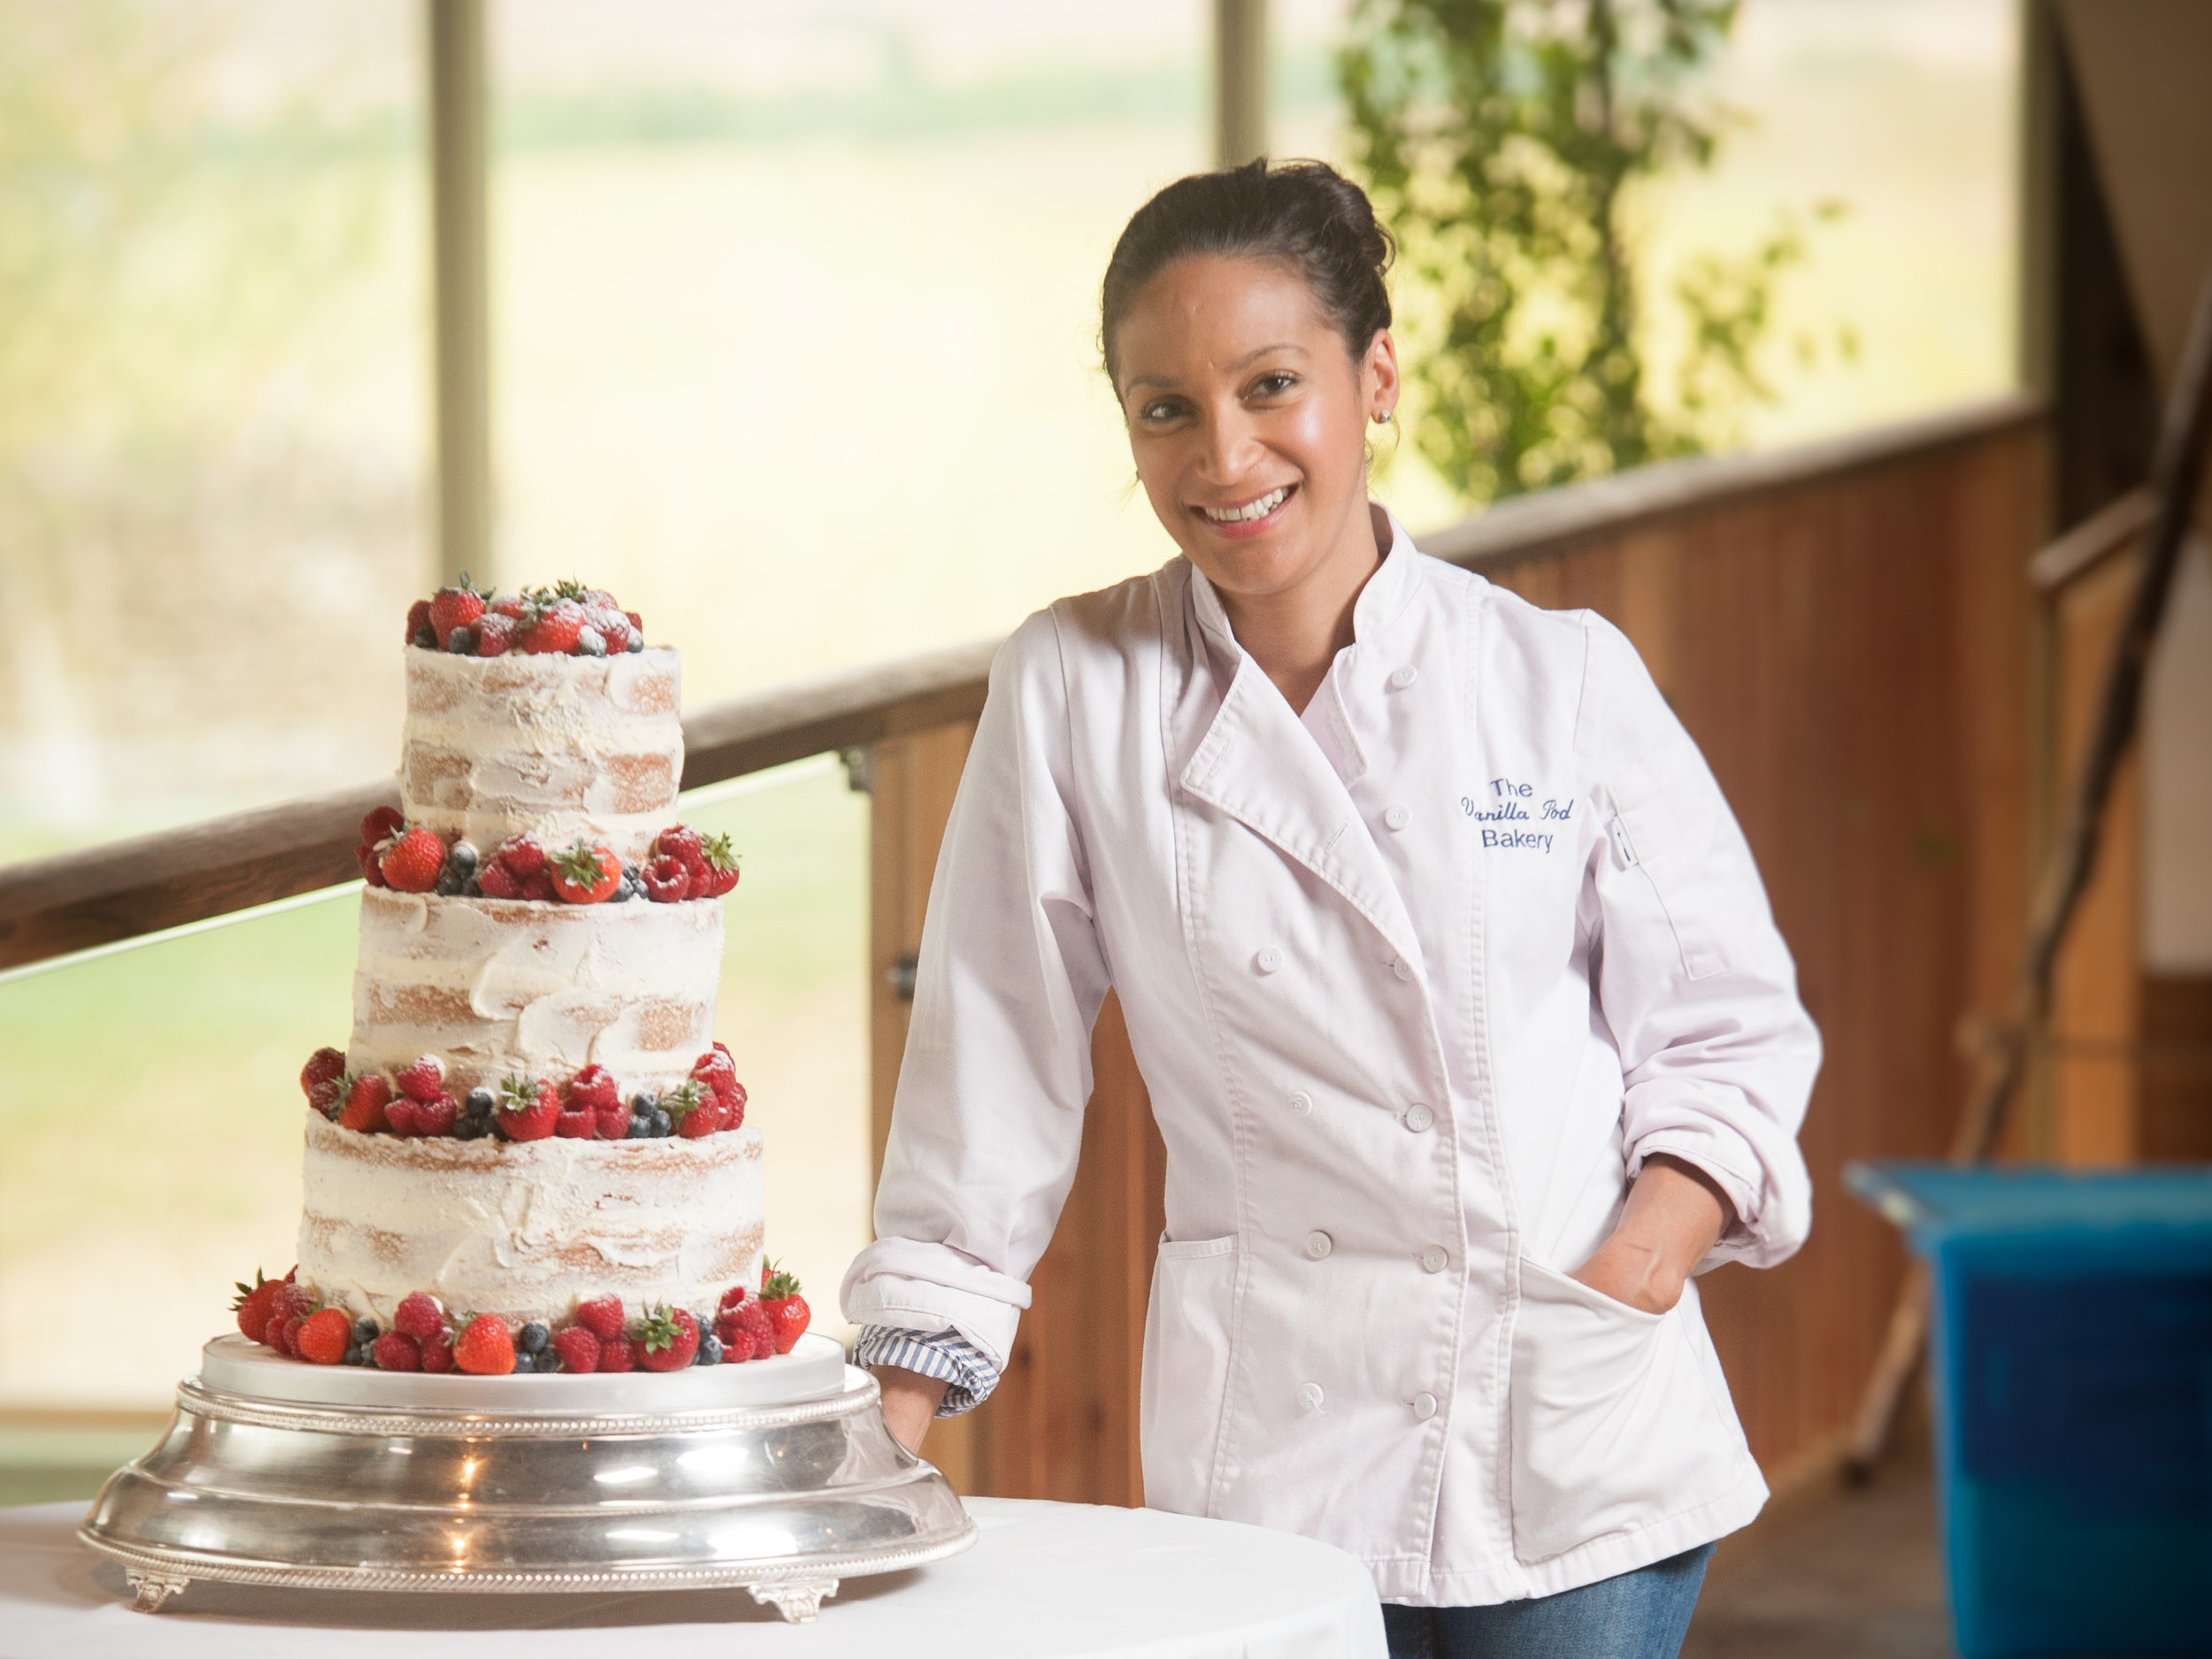 The Vanilla Pod Bakery   Learn more